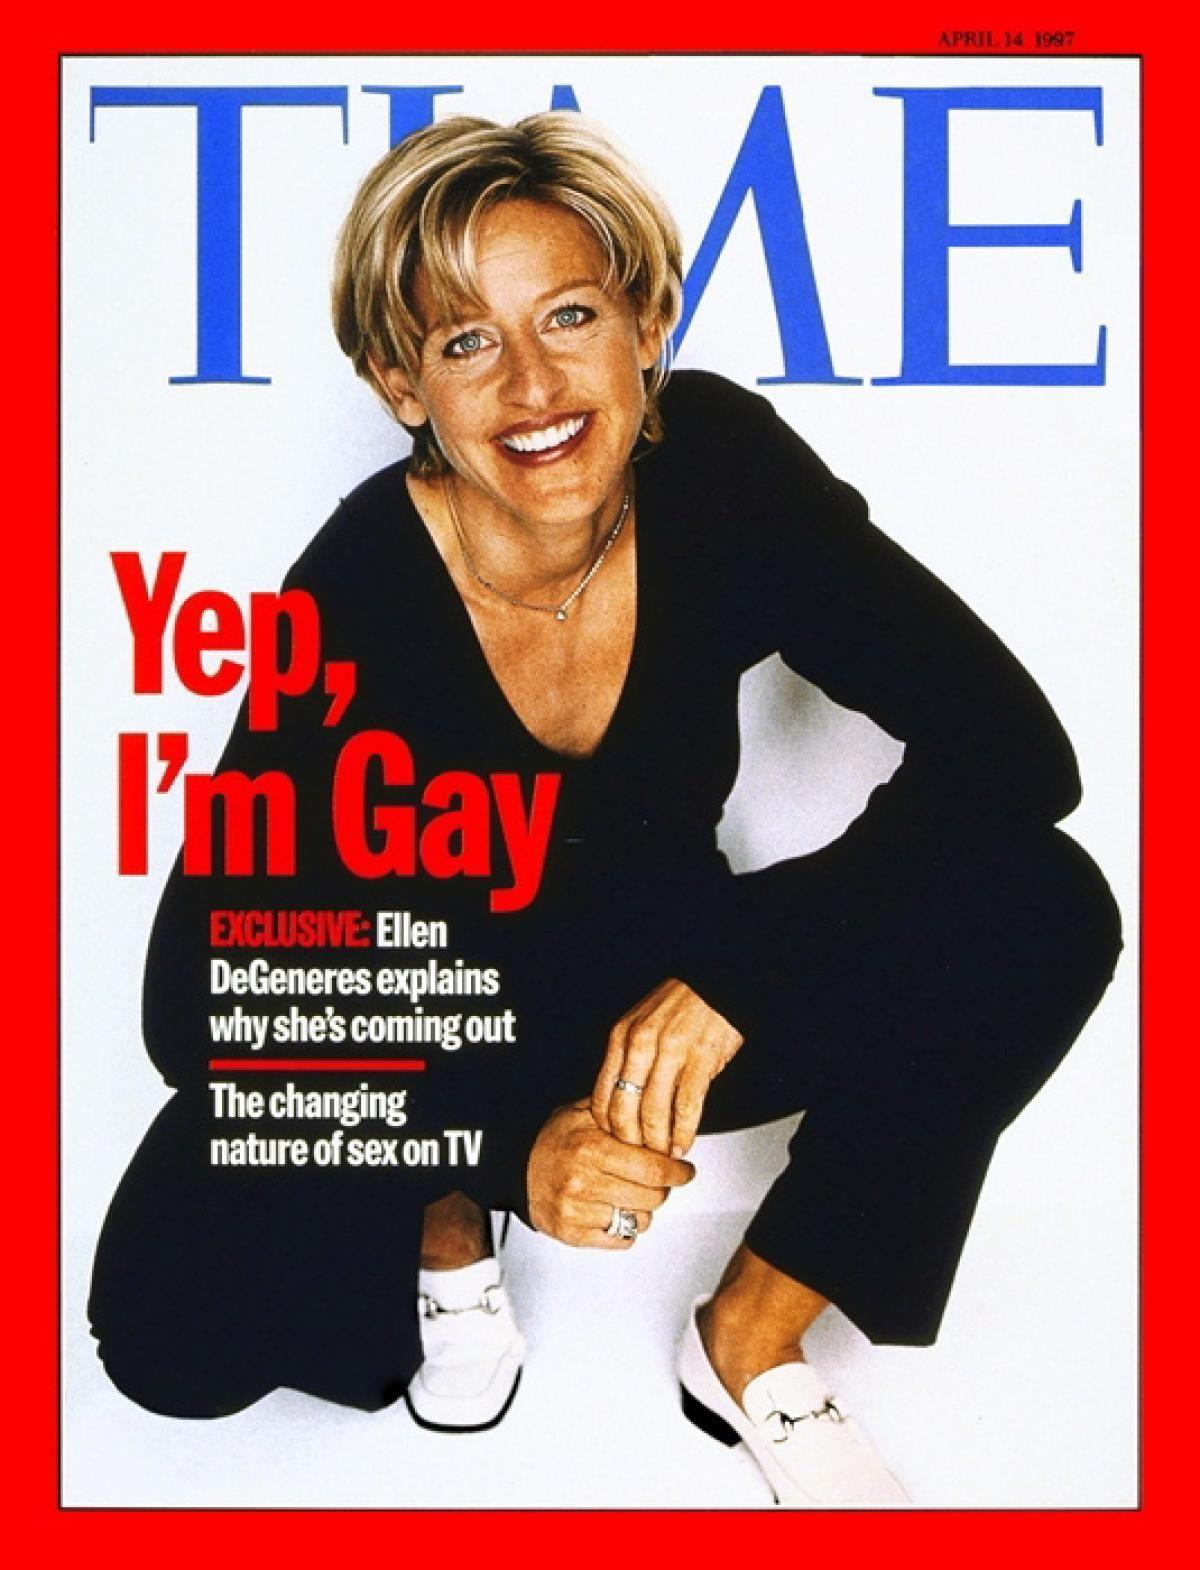 cinghia enorme su lesbiche